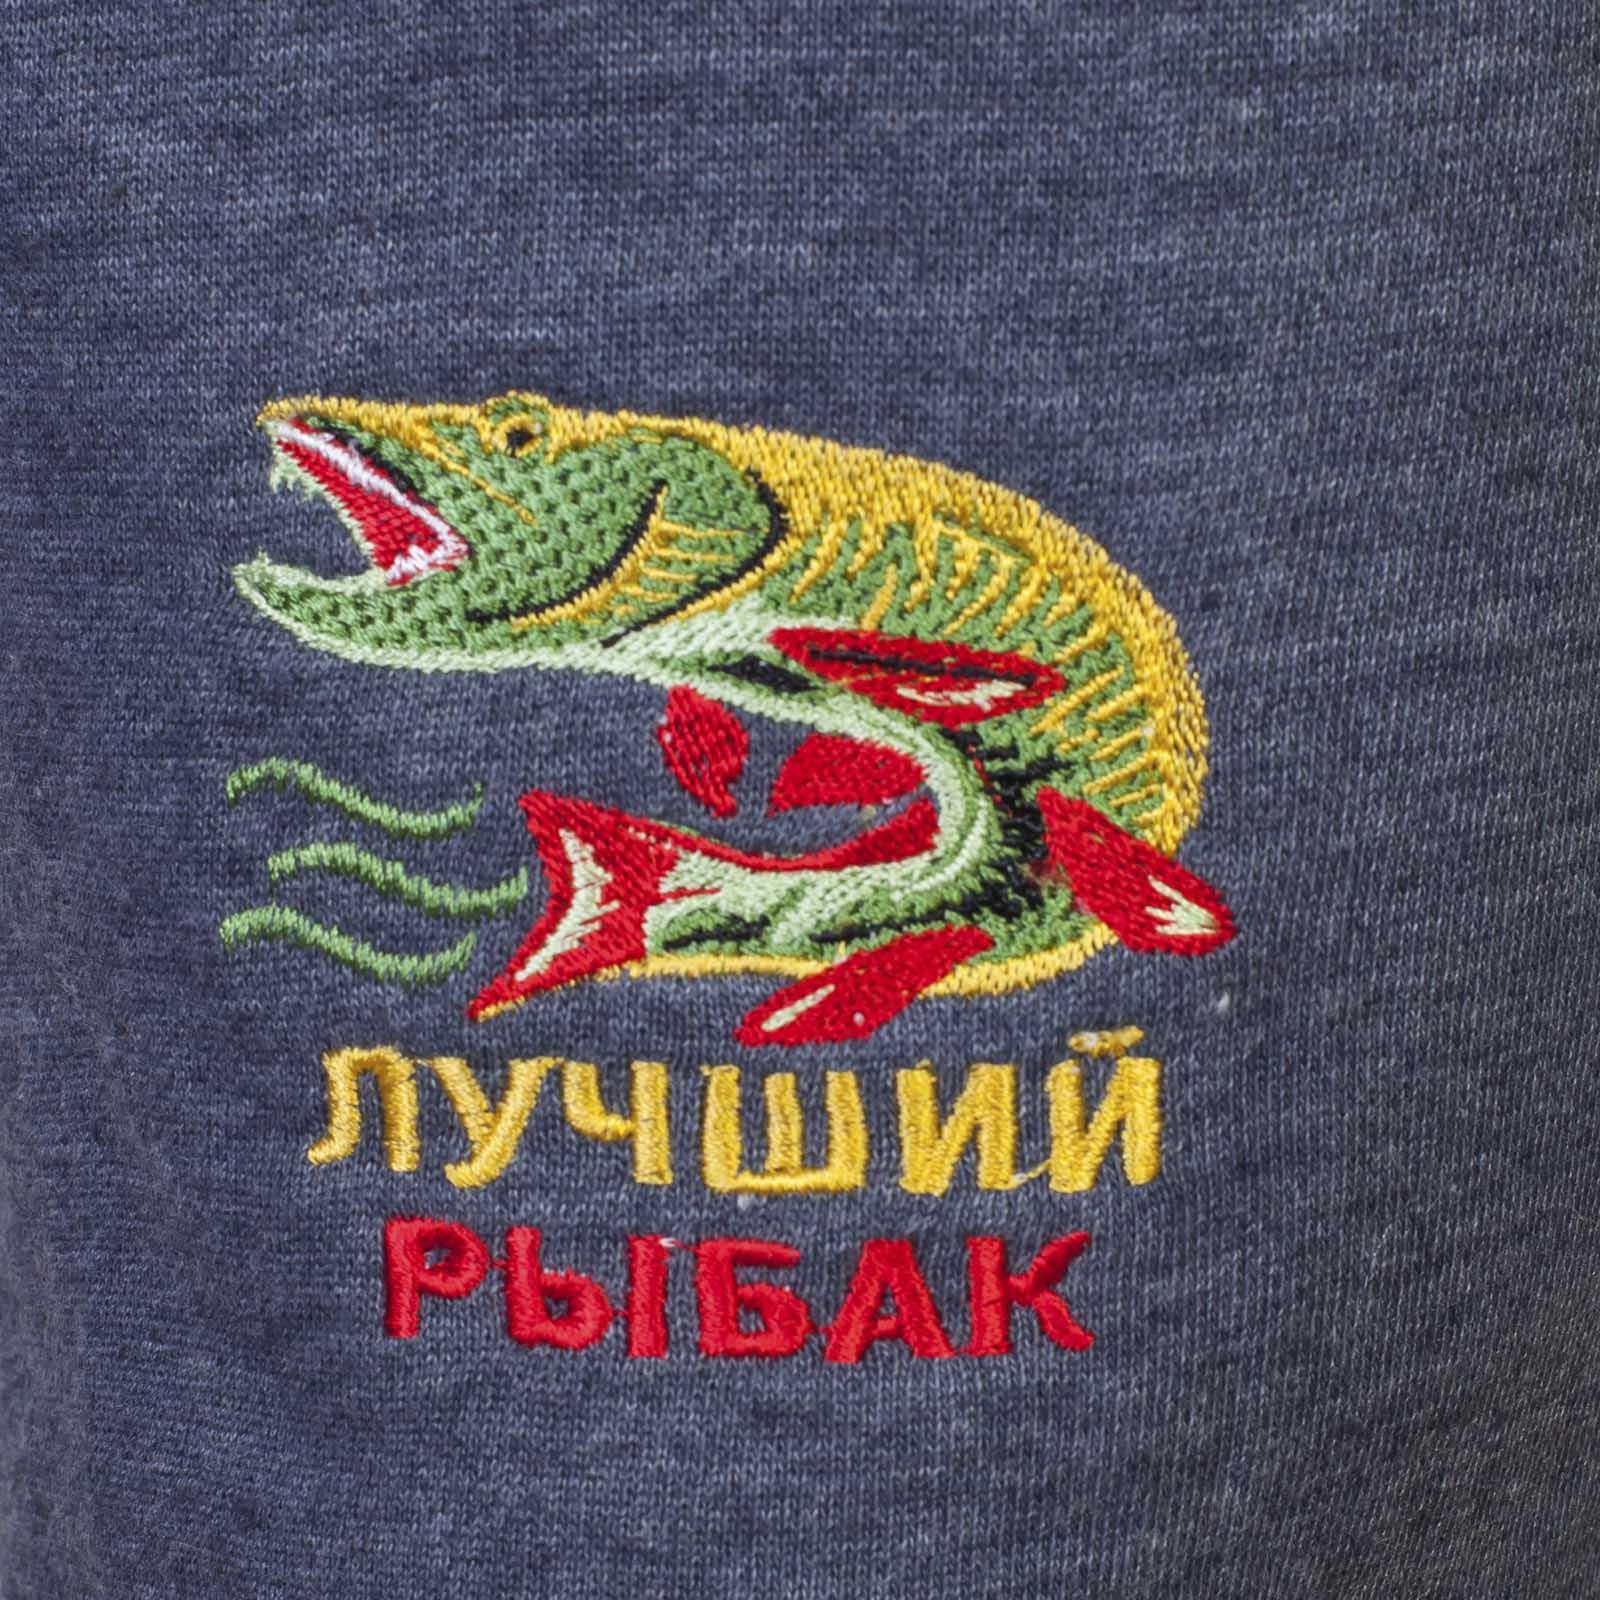 Мужские шорты с яркой вышивкой Лучший Рыбак